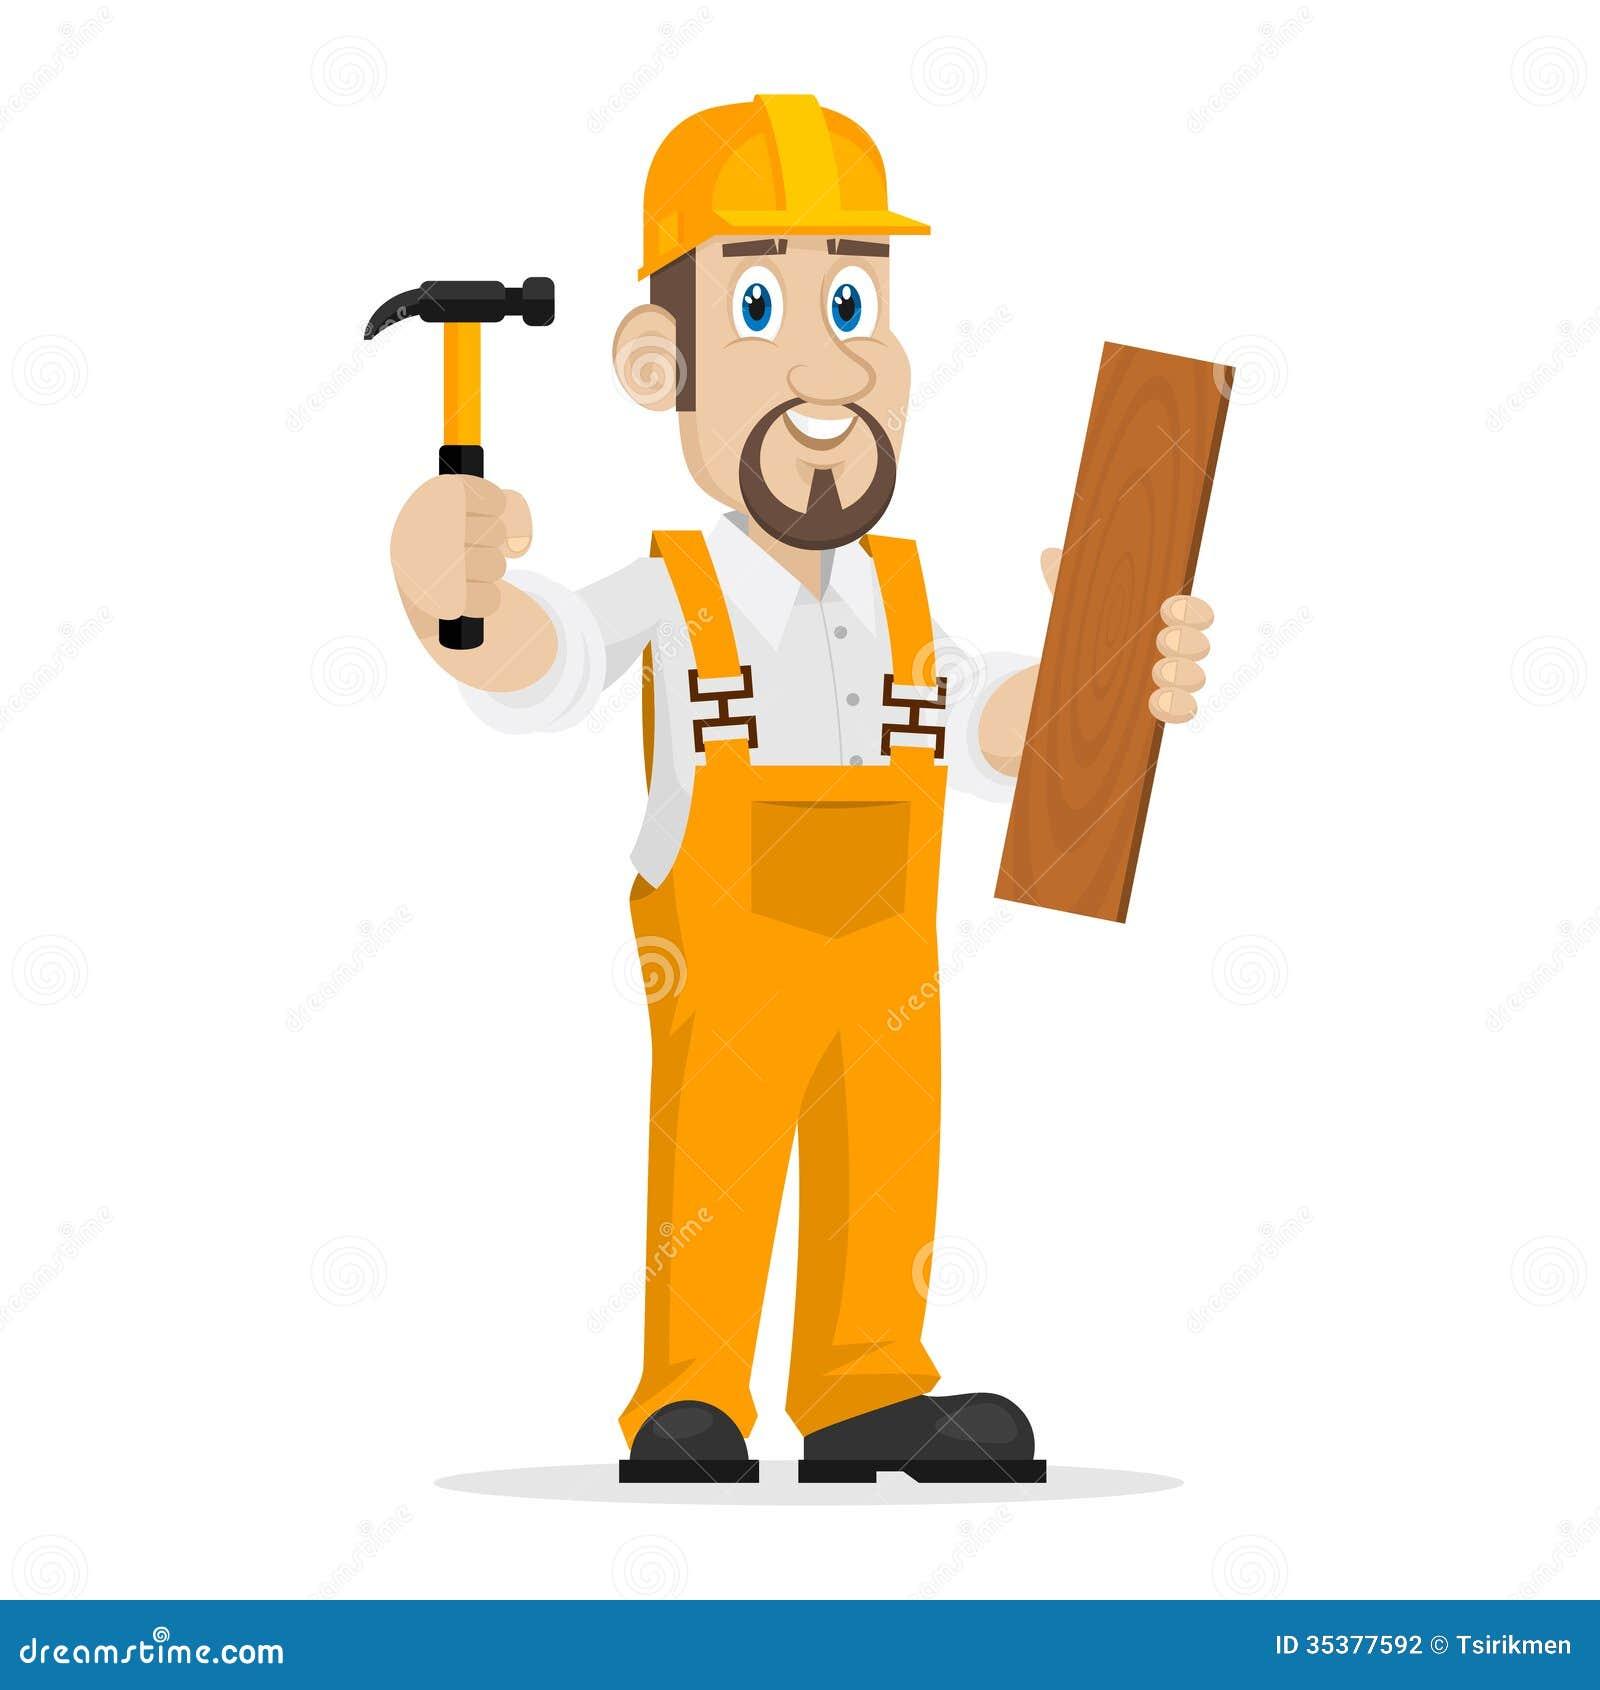 图库摄影: 建造者拿着锤子和木板图片